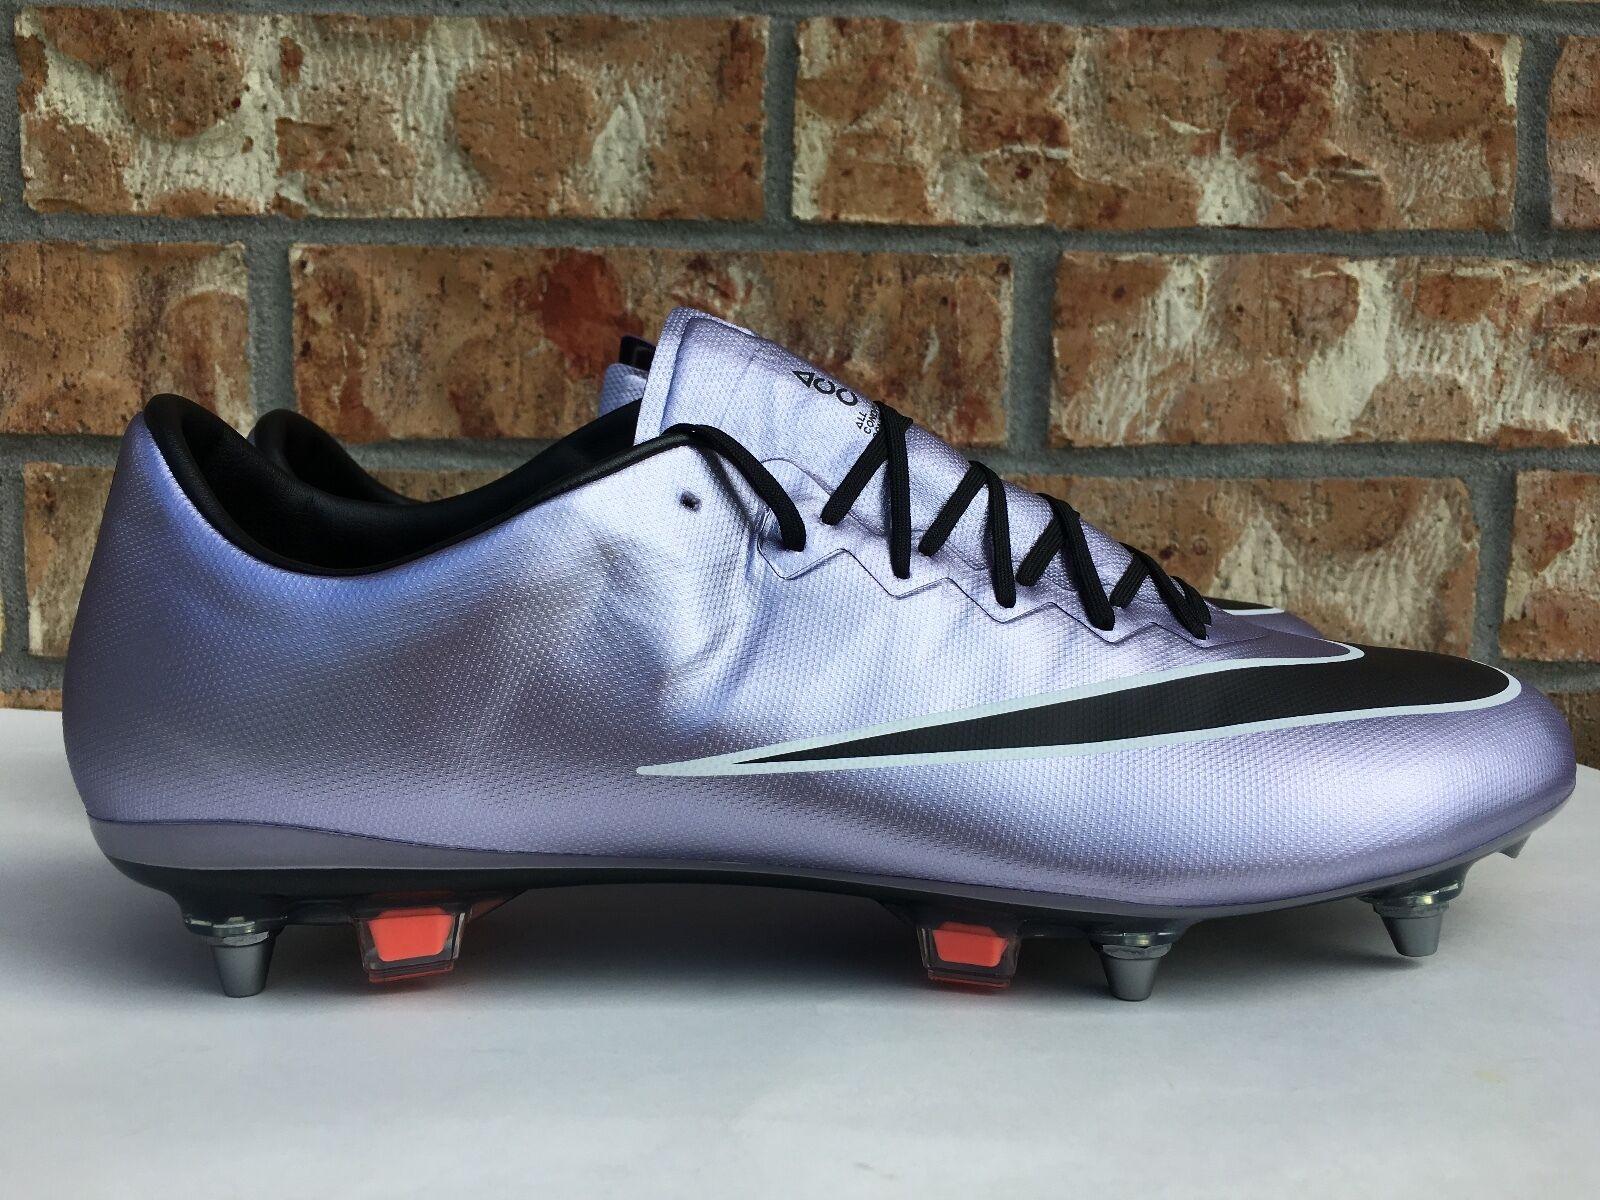 wholesale dealer 75295 9a30f Men's Nike Mercurial Vapor X Sg-pro Soccer Cleats Lilac Purple Black  648555-581